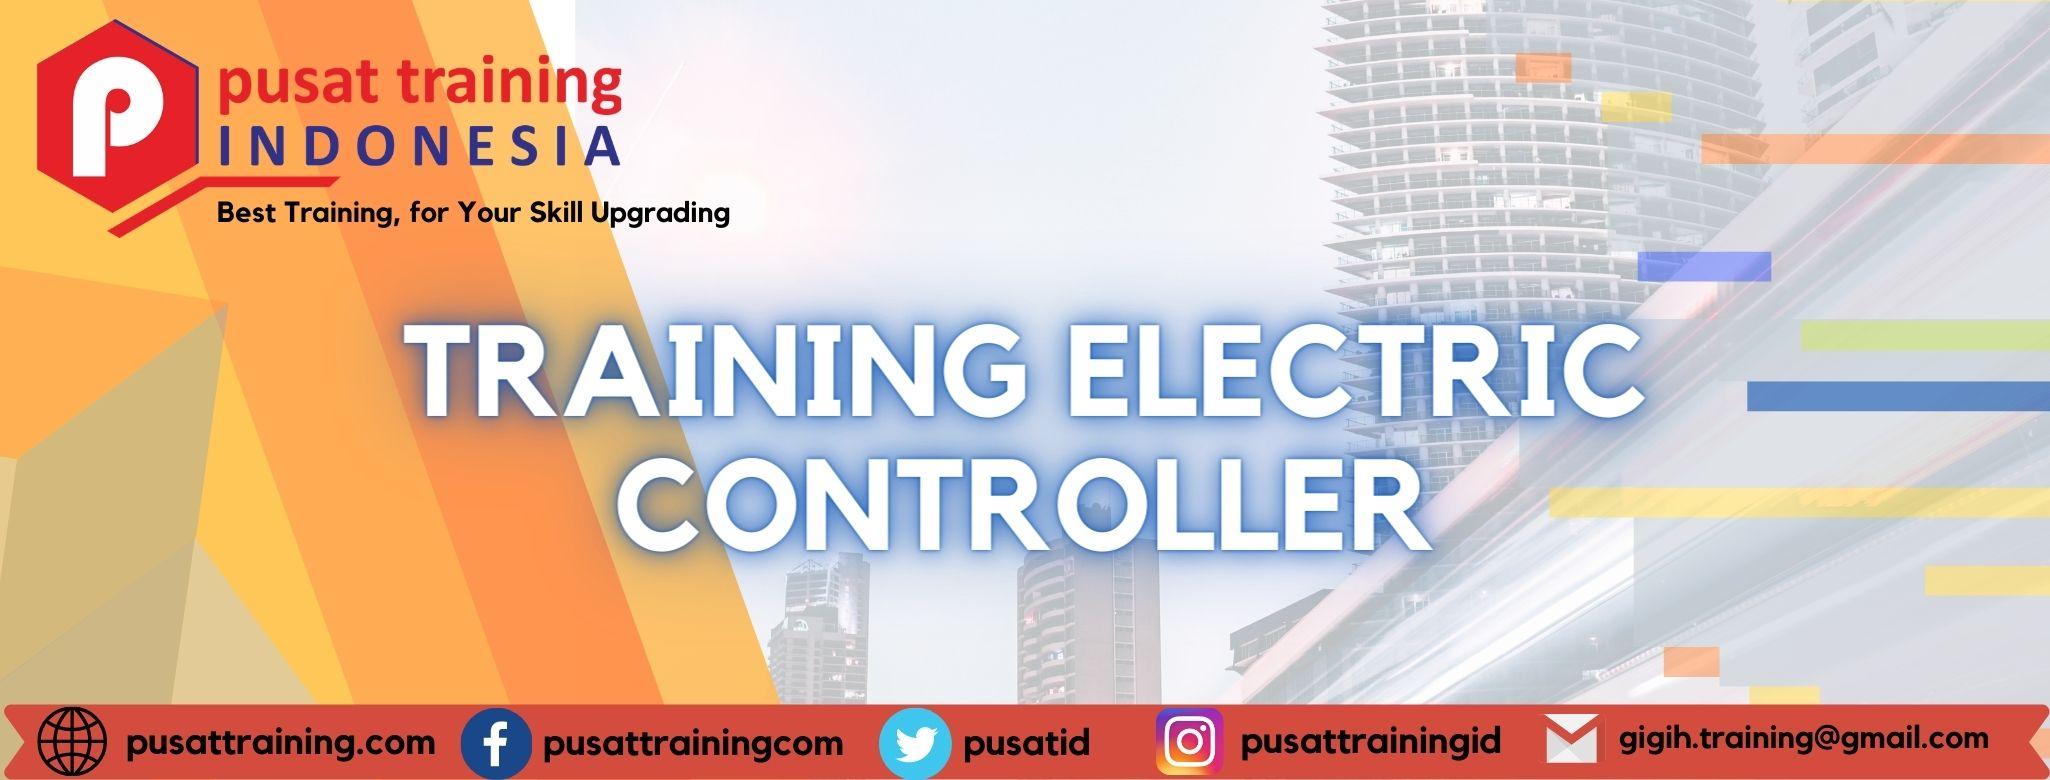 PELATIHAN ELECTRIC CONTROLLER